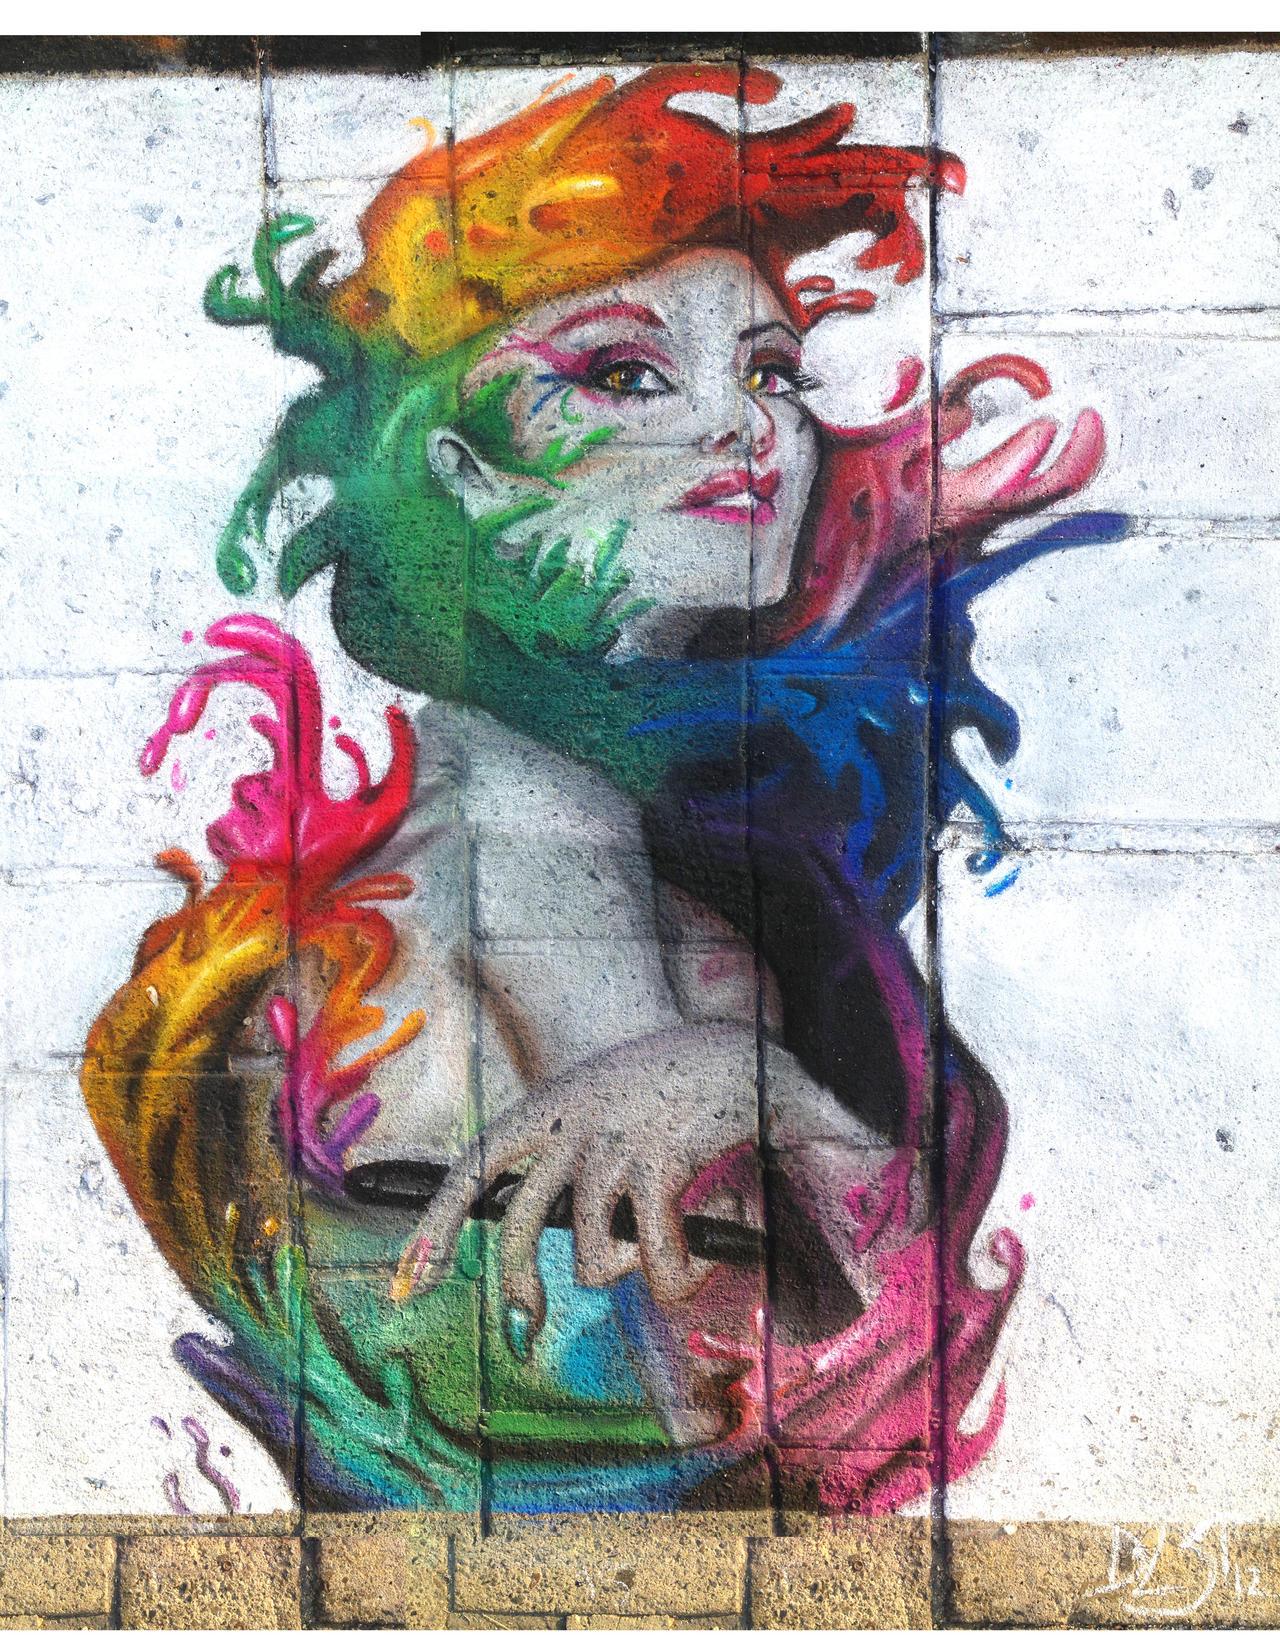 Angel of Color - soft pastels by DavidSerret